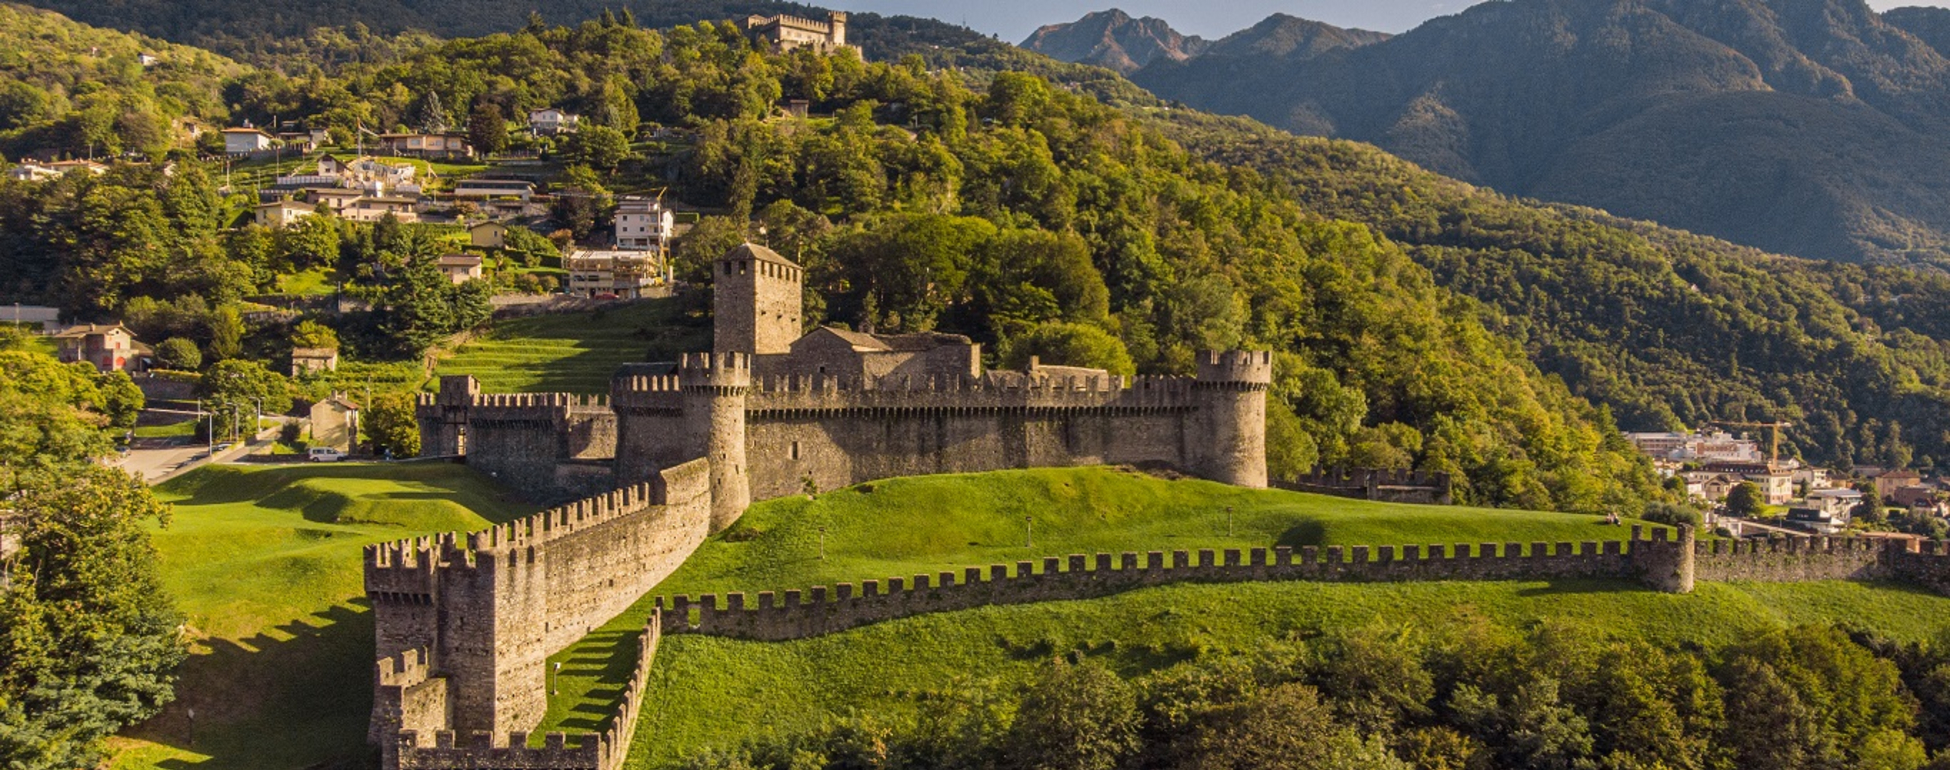 Die Festung von Bellinzona